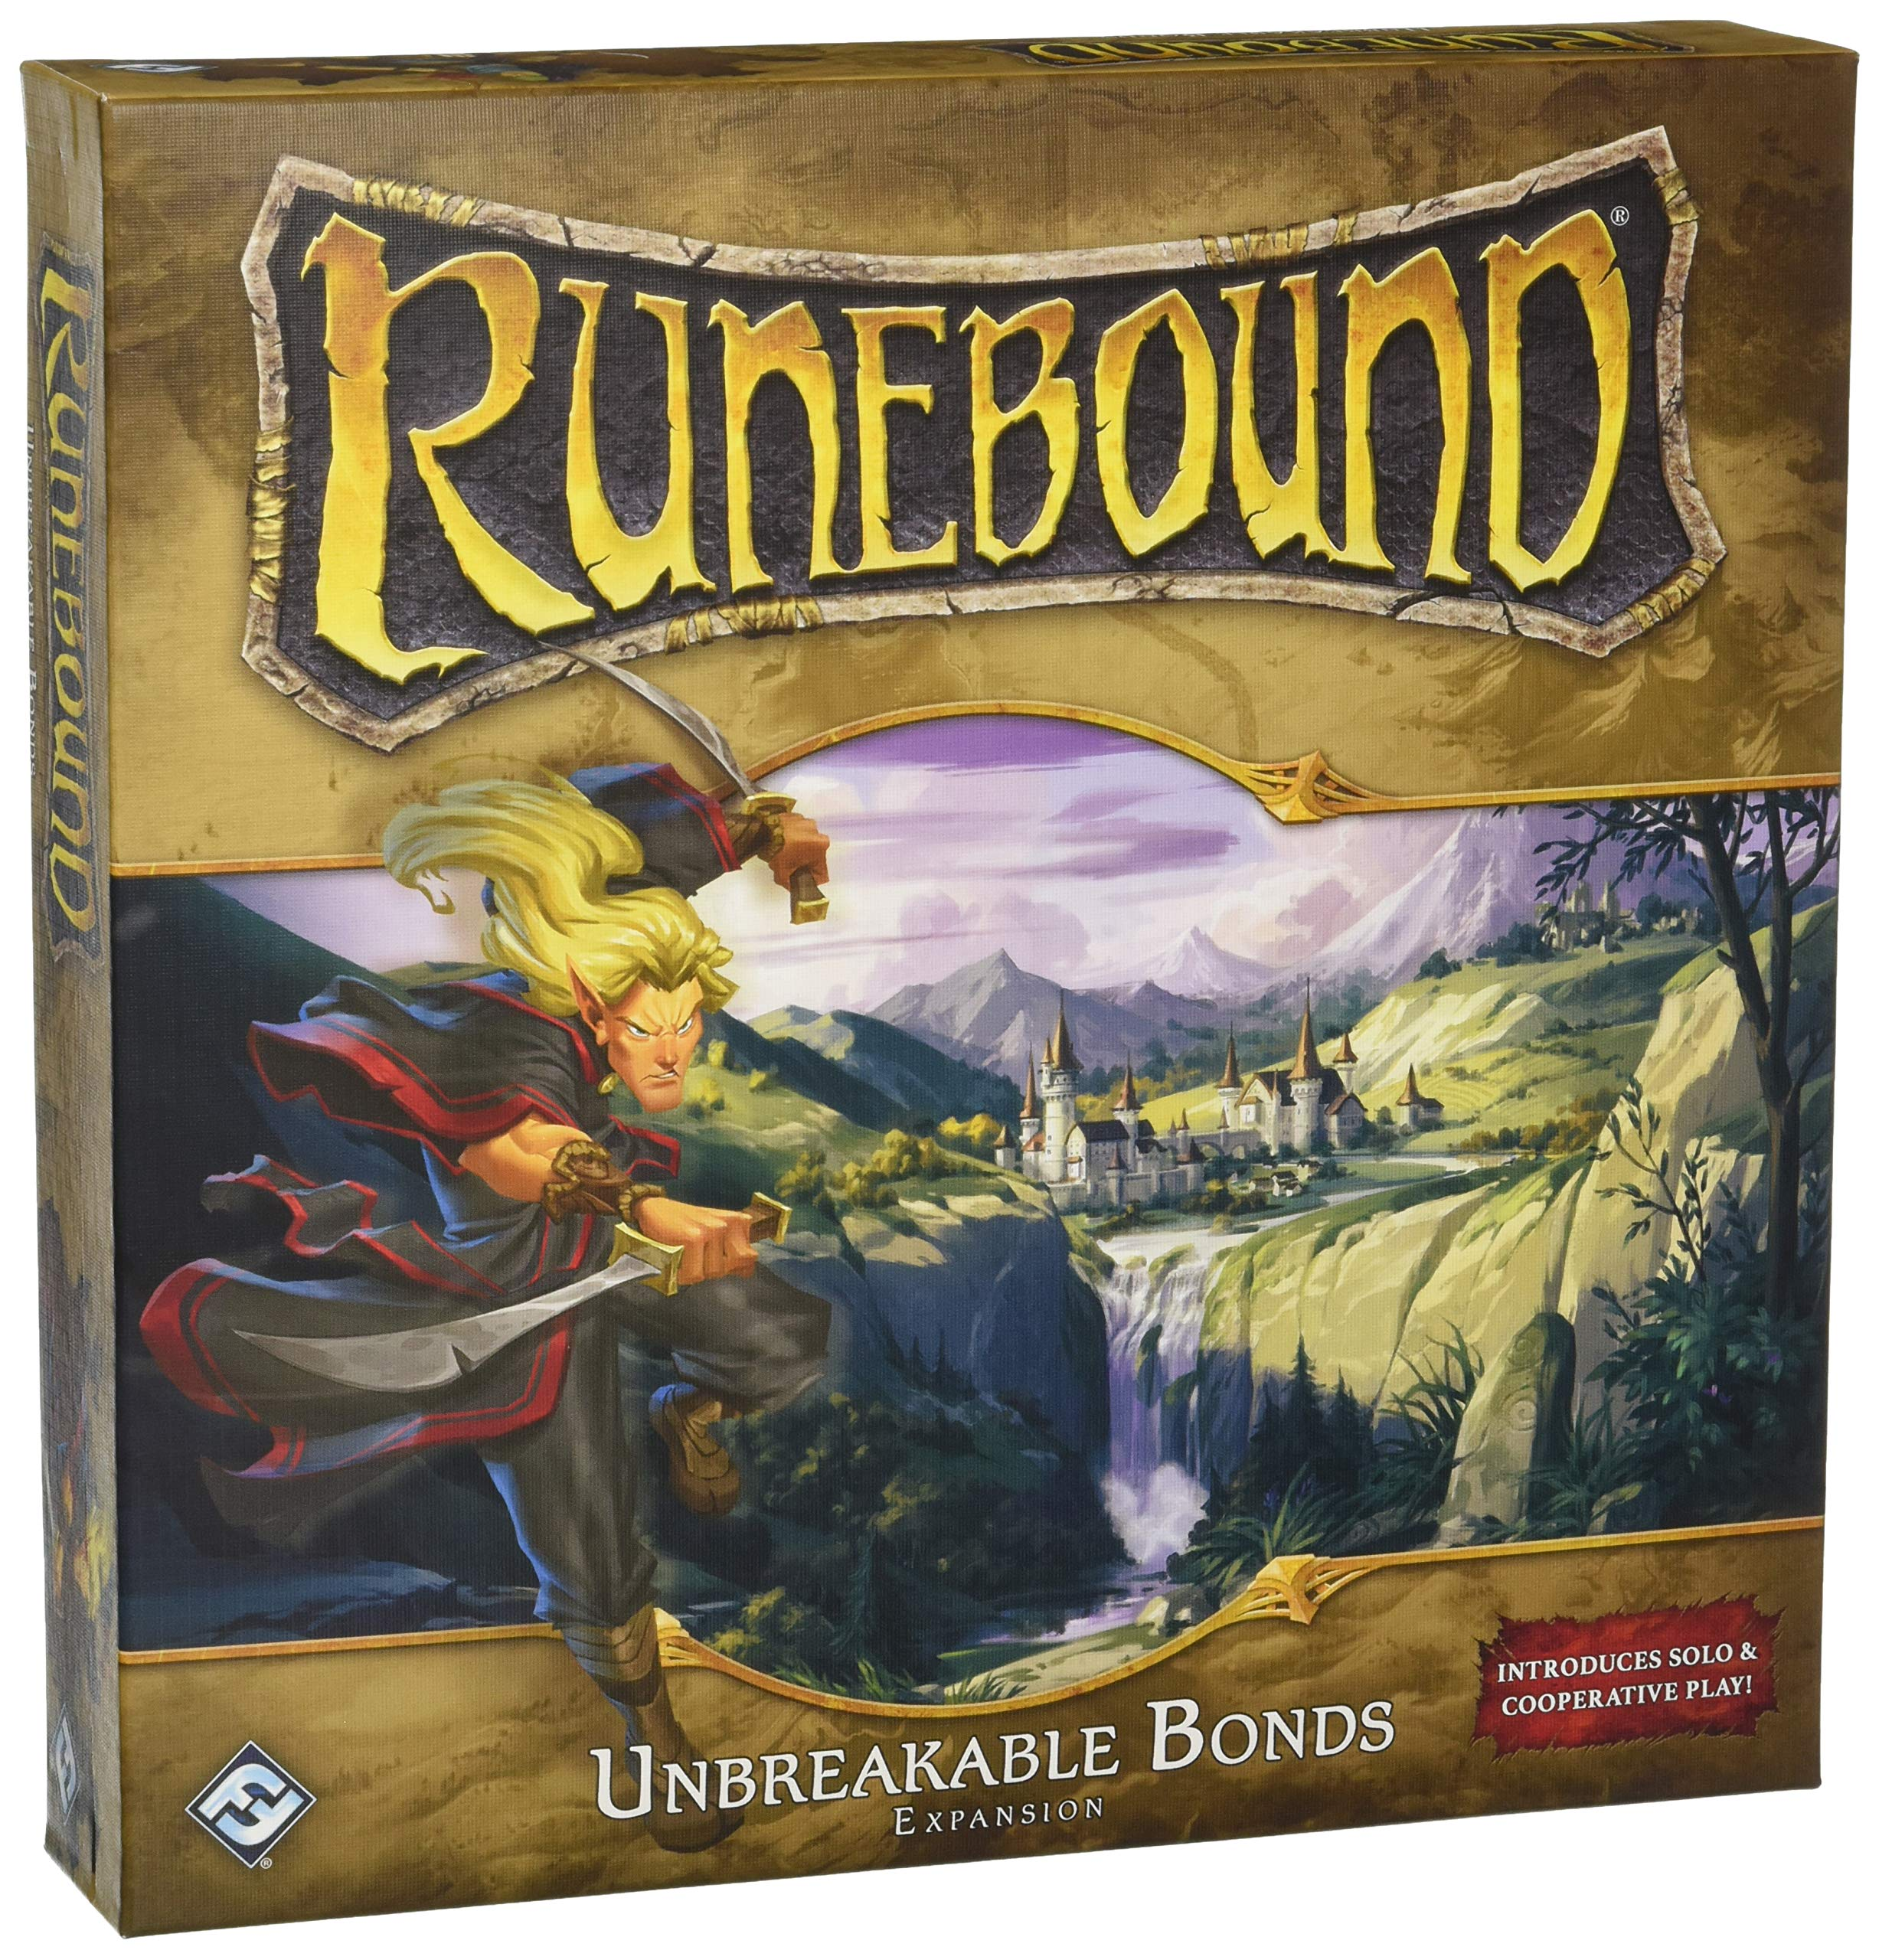 Runebound Third Edition: Unbreakable Bonds by Fantasy Flight Games (Image #1)